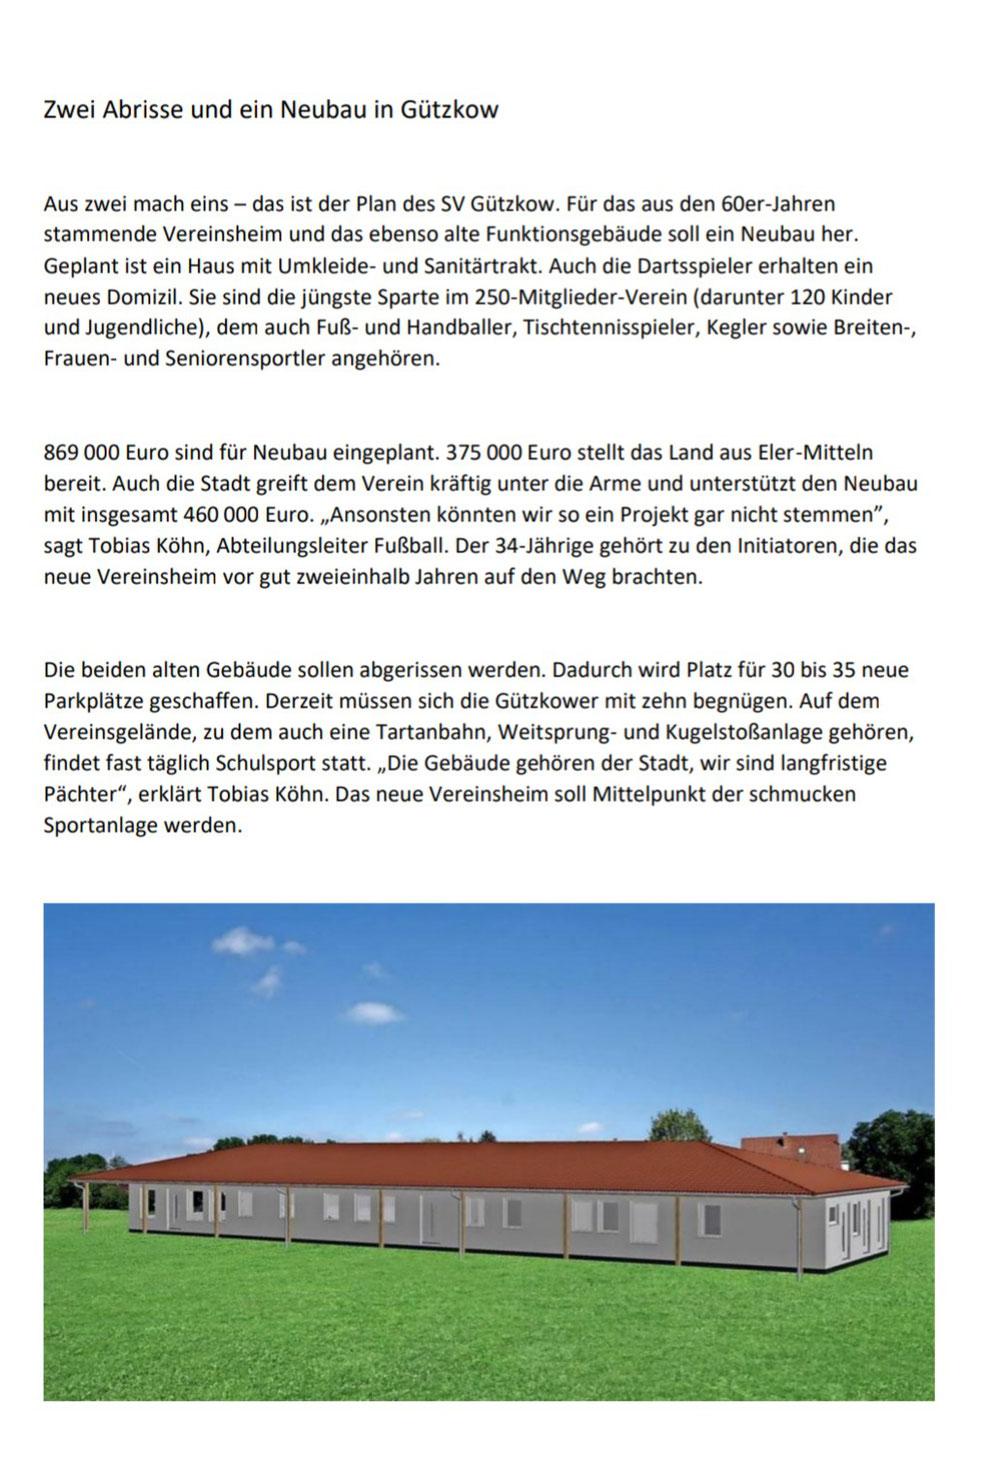 Endlich positive Nachrichten aus Schwerin...